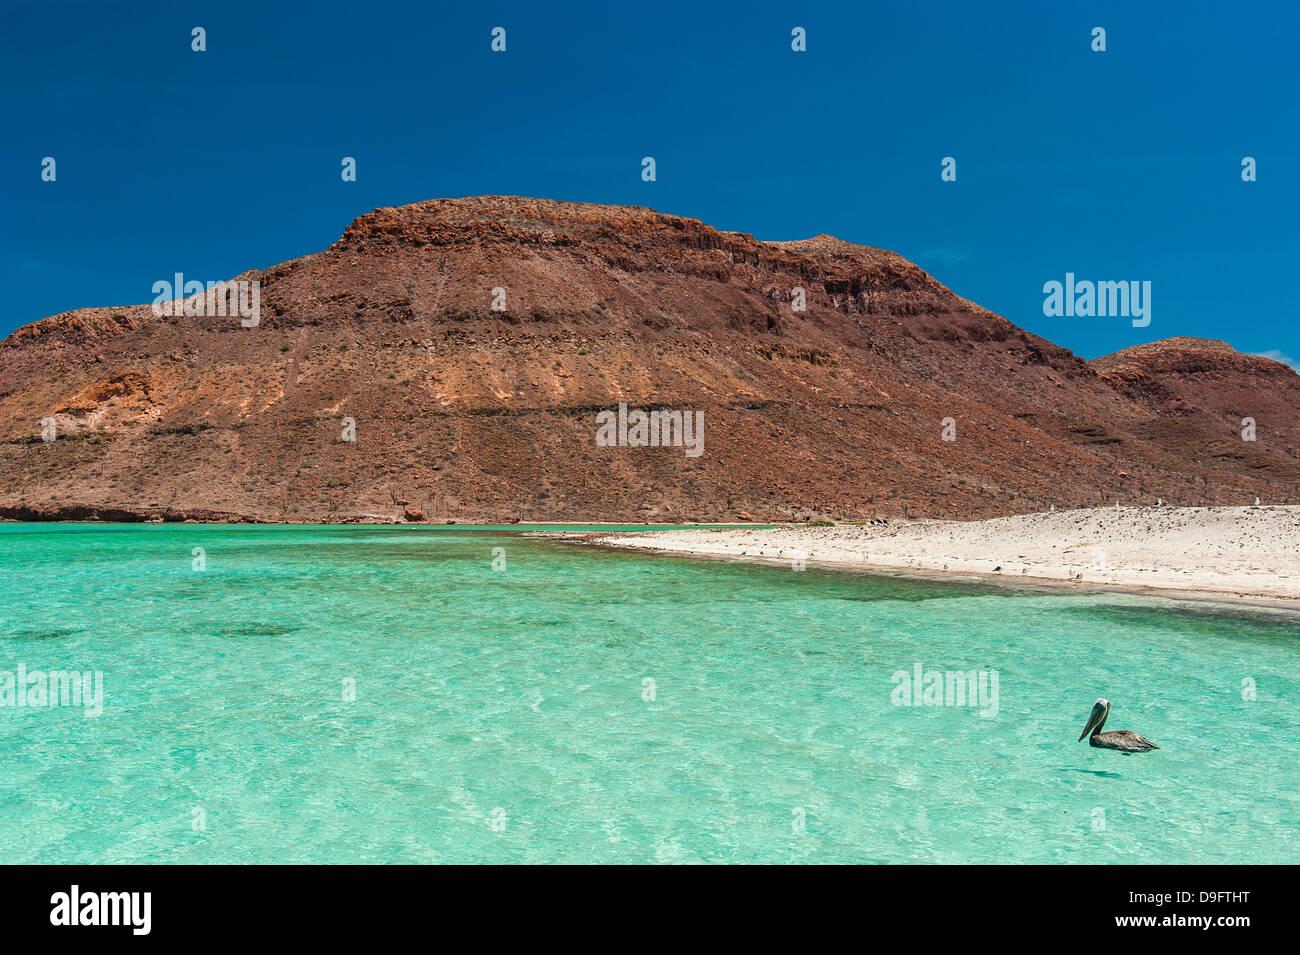 Des pélicans dans les eaux turquoise à Isla Espiritu Santo, Baja California, Mexique Photo Stock